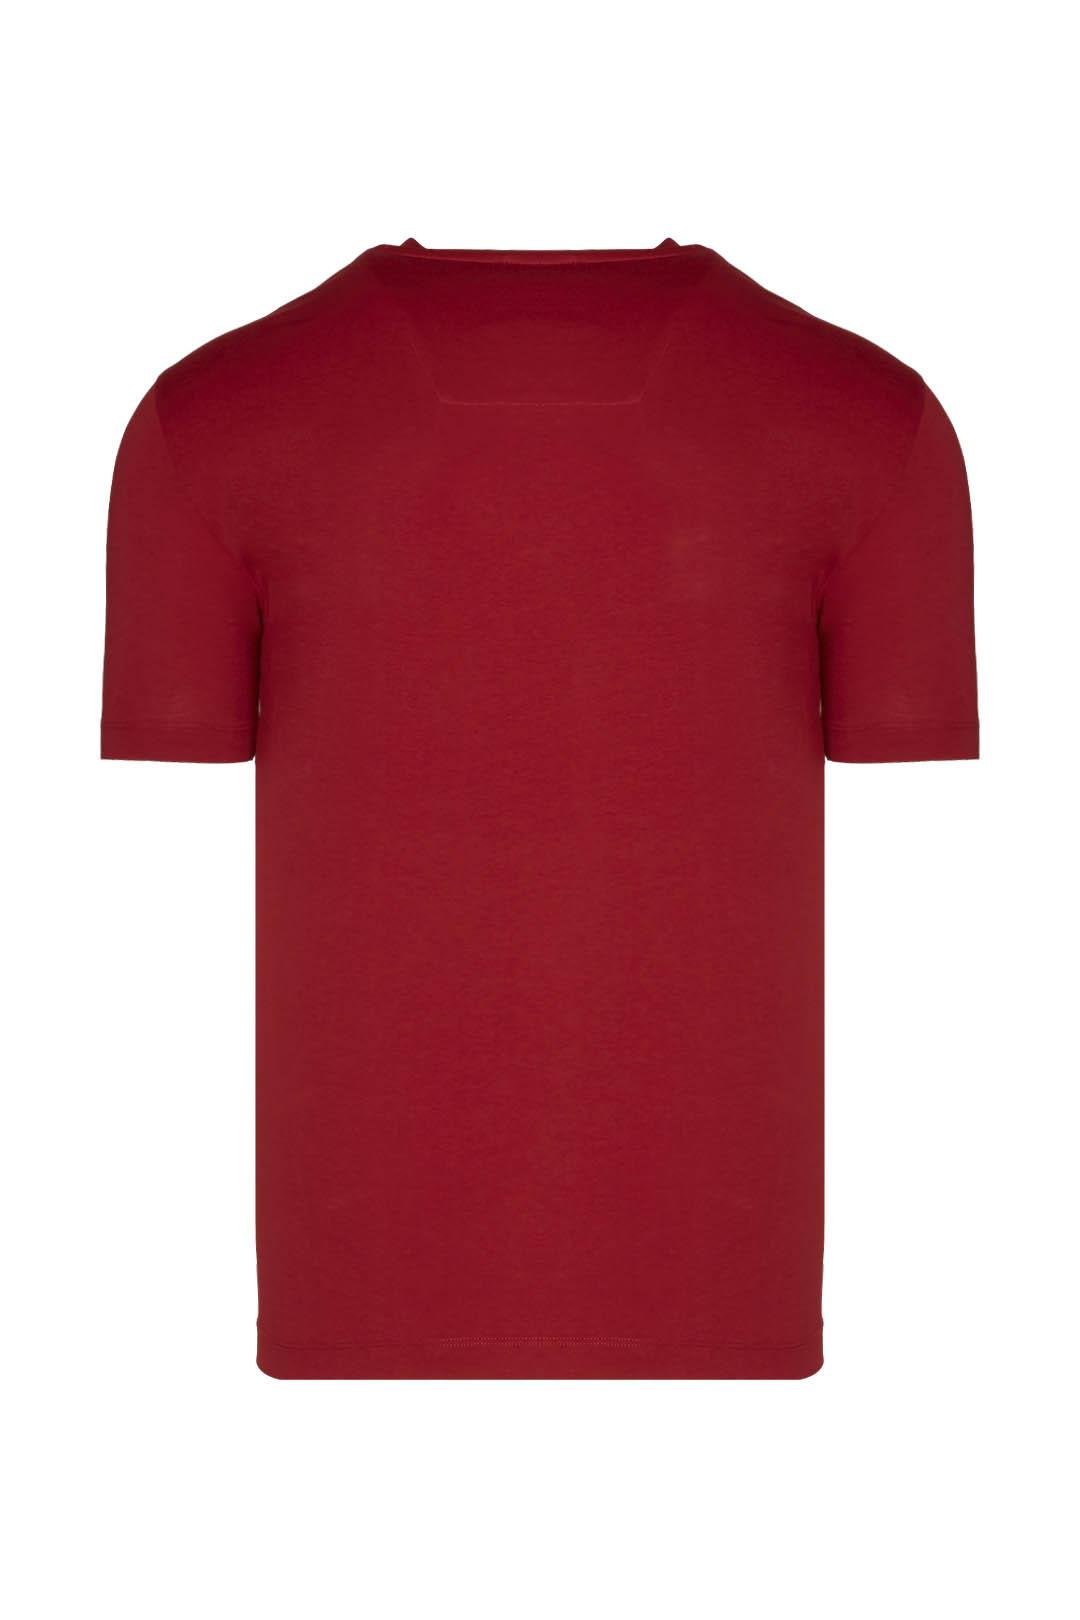 T-Shirt mit Flock Druck                  2